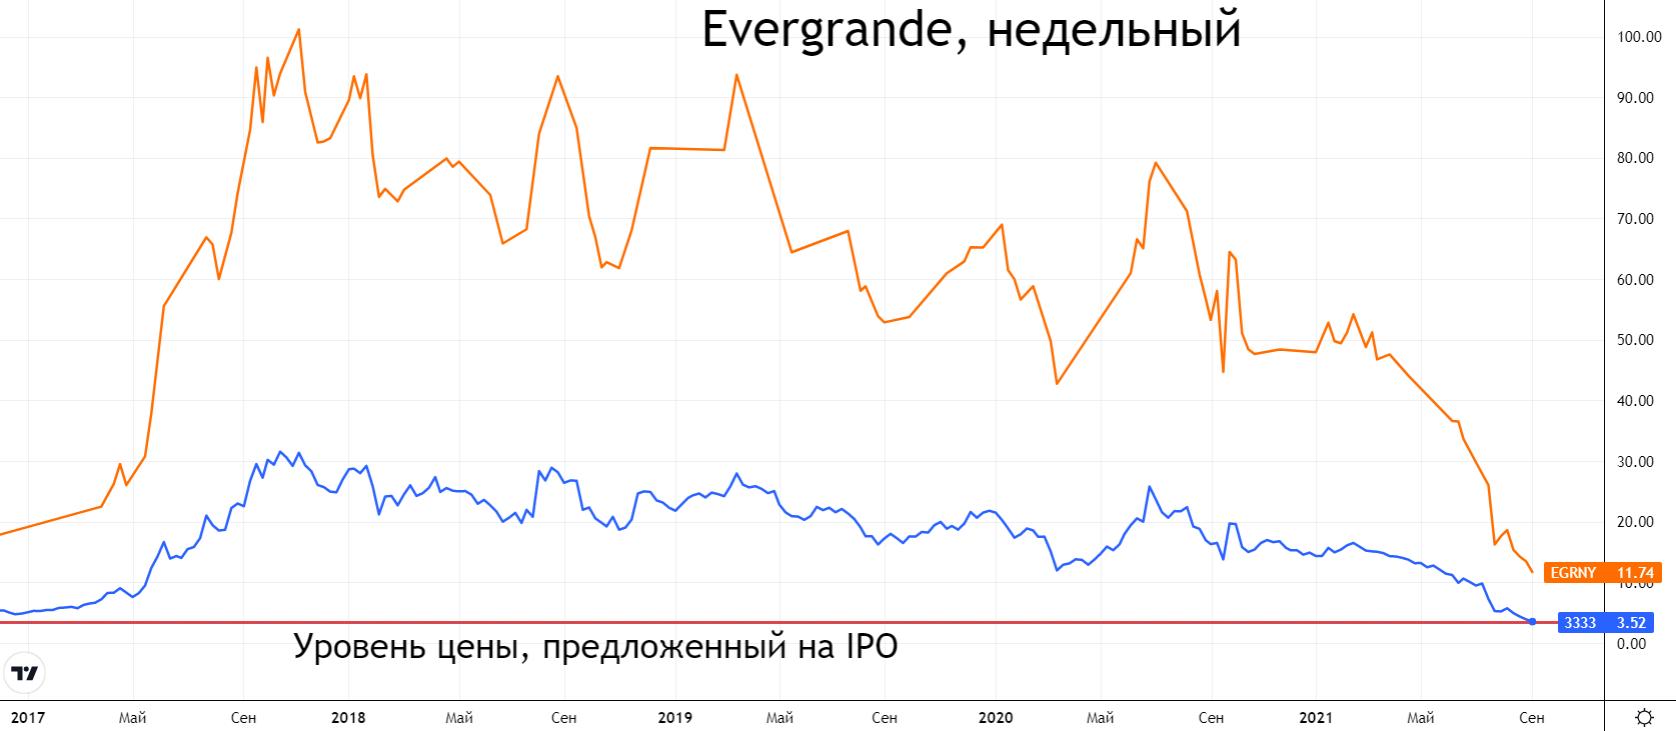 Власти Китая протянули руку помощи компании Evergrande